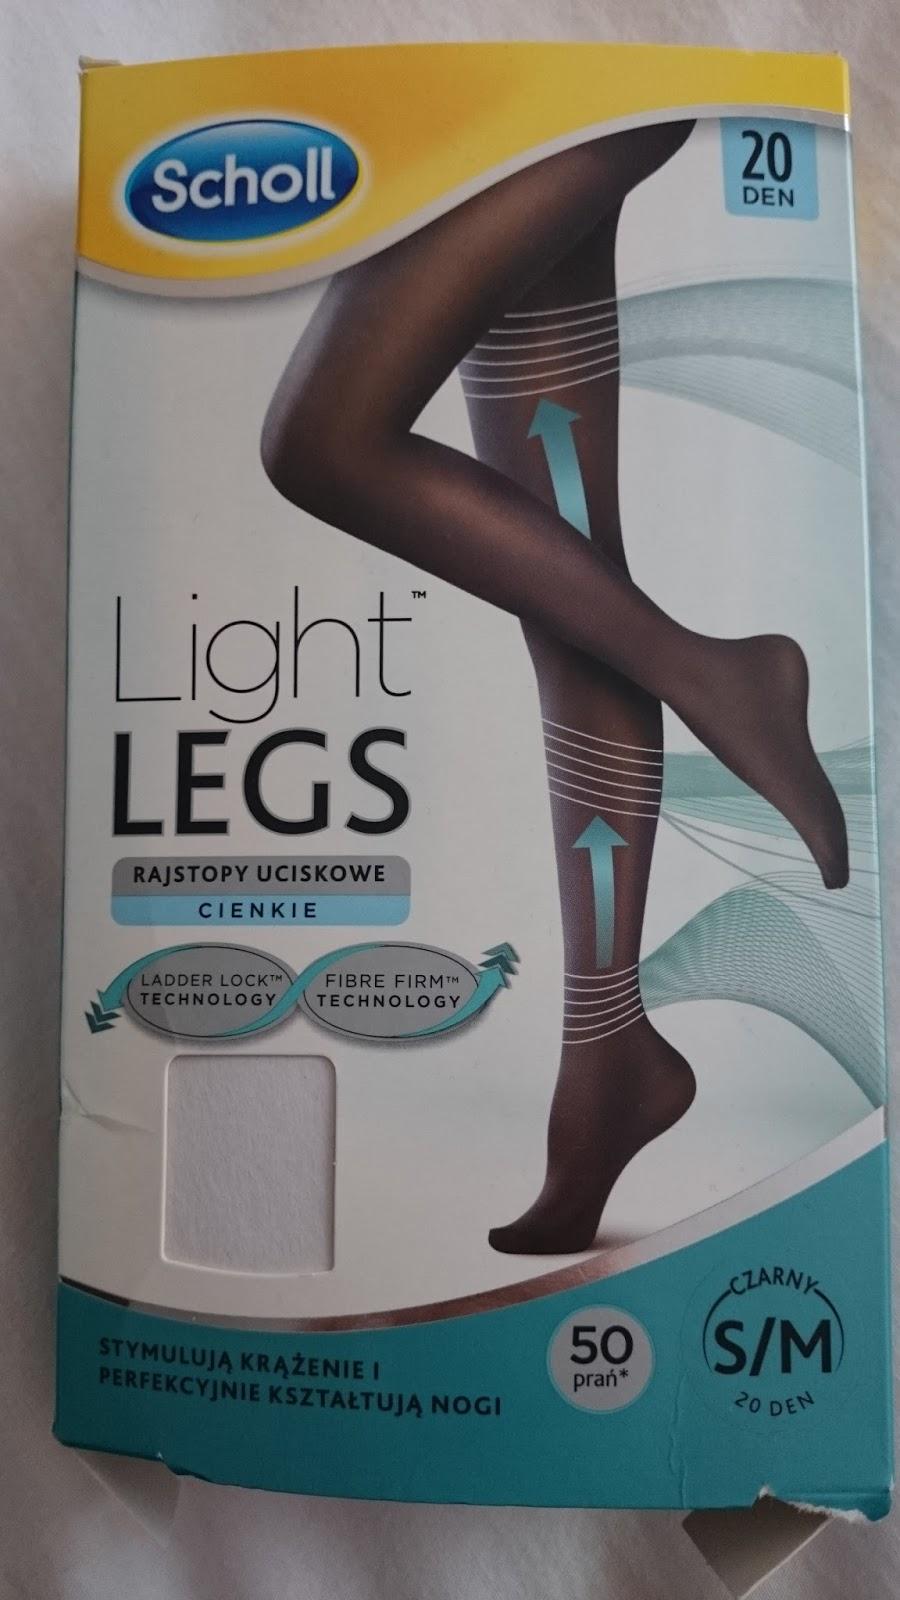 rasjtopy uciskowe scholl light legs